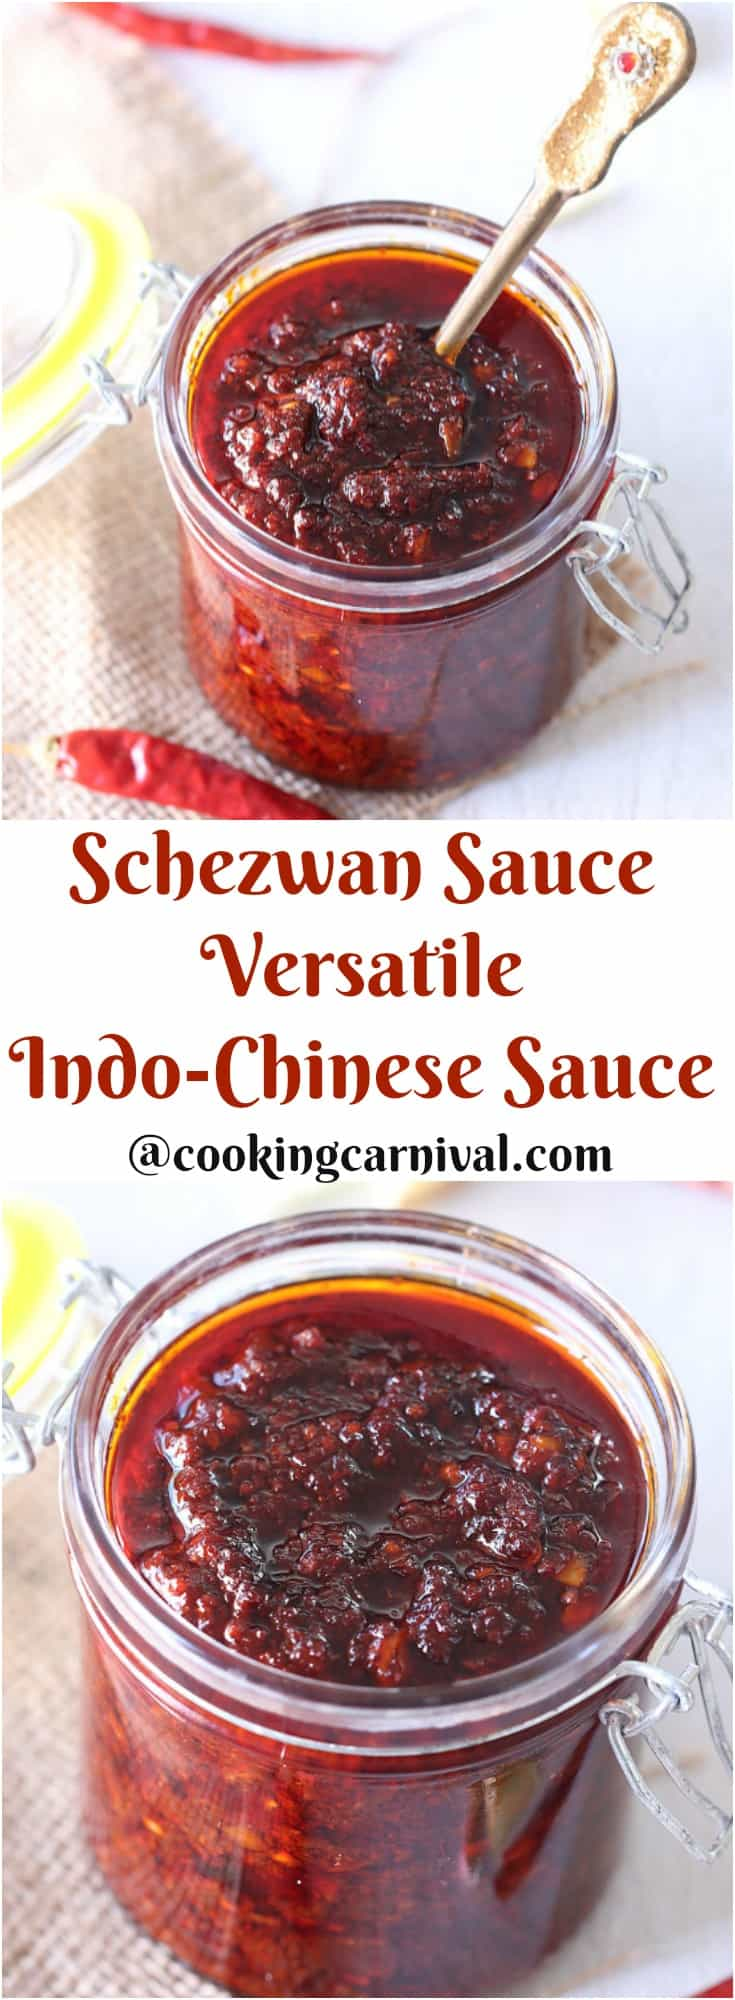 Homemade Schezwan Sauce